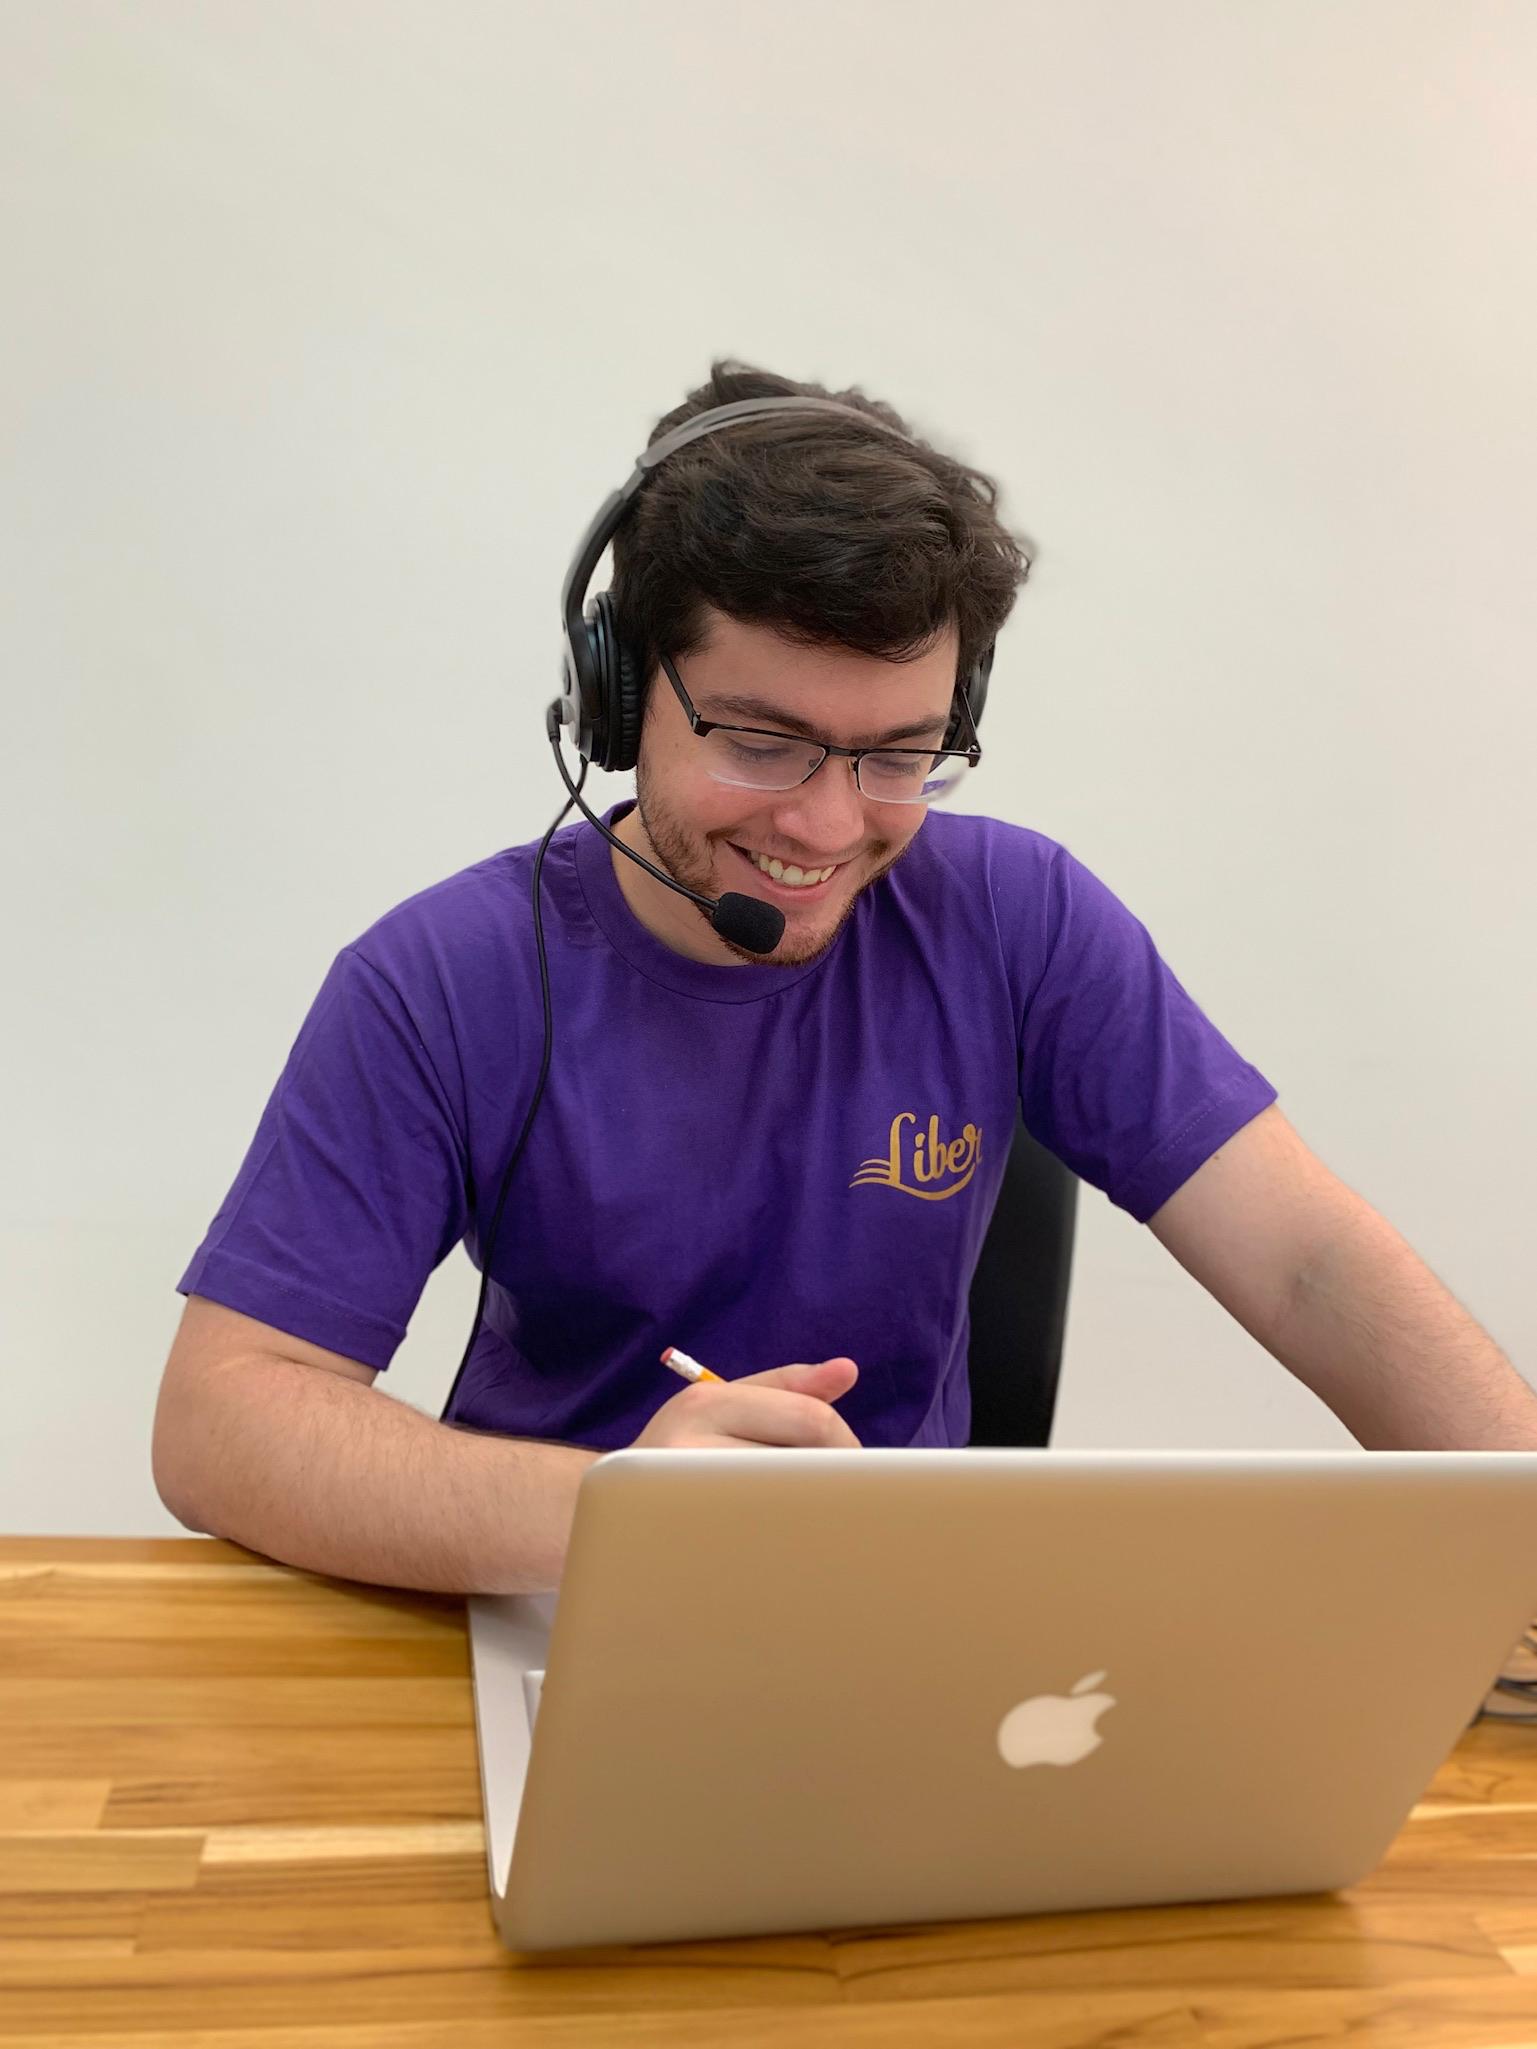 Tutor vestindo uma blusa roxa, segurando um lápis e usado um fone de ouvido com microfone. Ele está dando uma aula online com seu notebook que está apoiado em uma mesa de madeira.